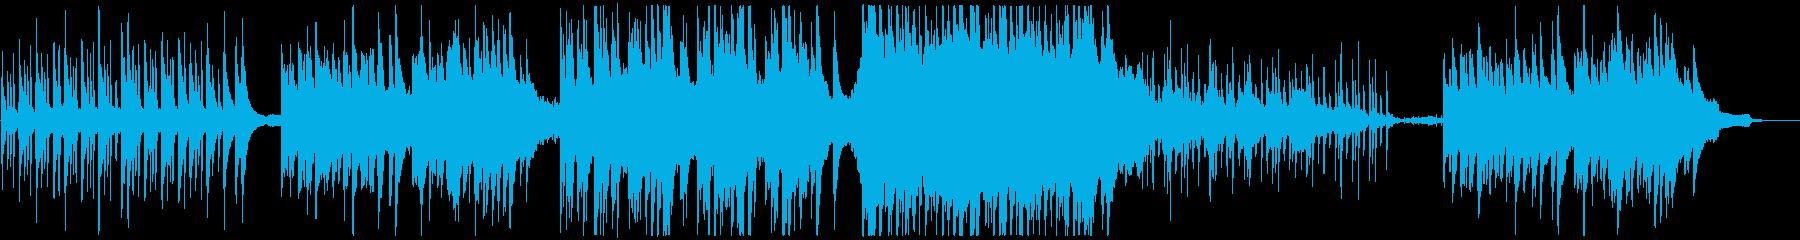 ほのぼの・平和な村・町BGM(ループ)の再生済みの波形